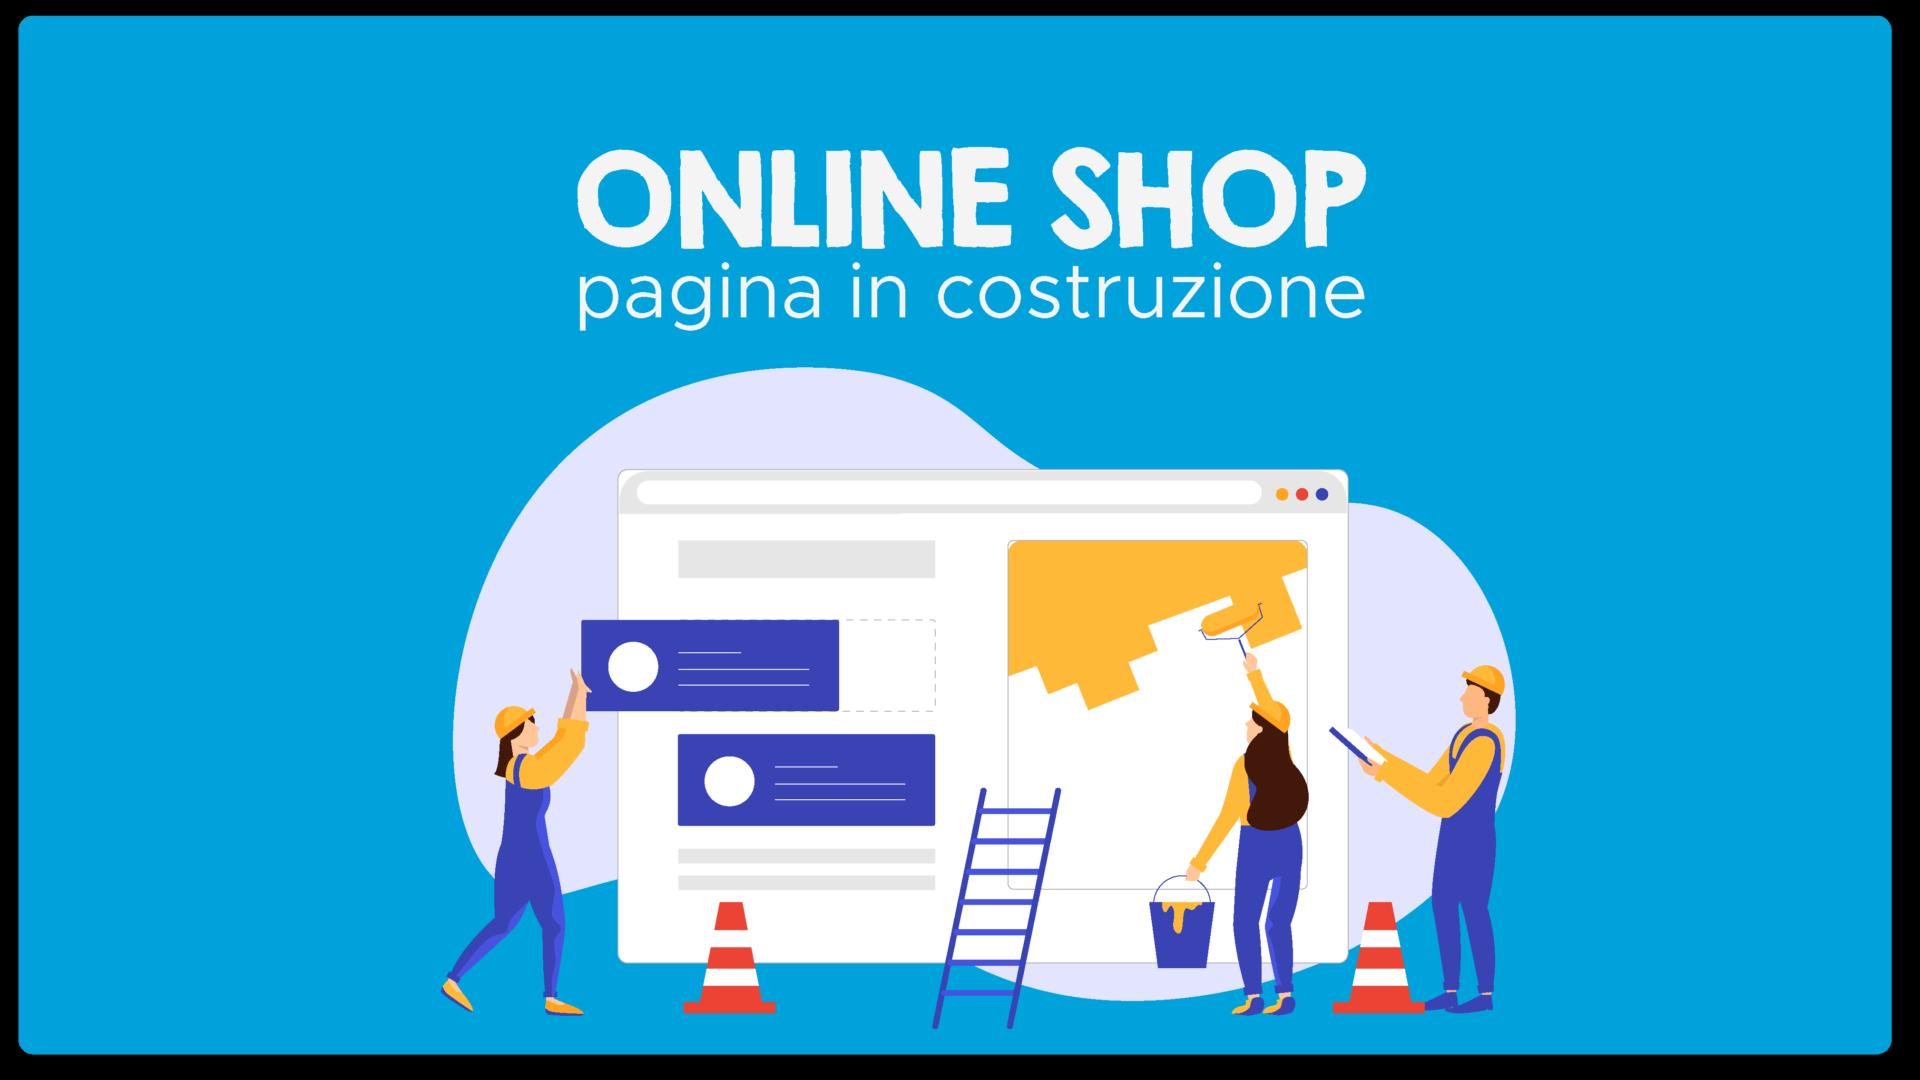 Pagina in costruzione_Online Shop